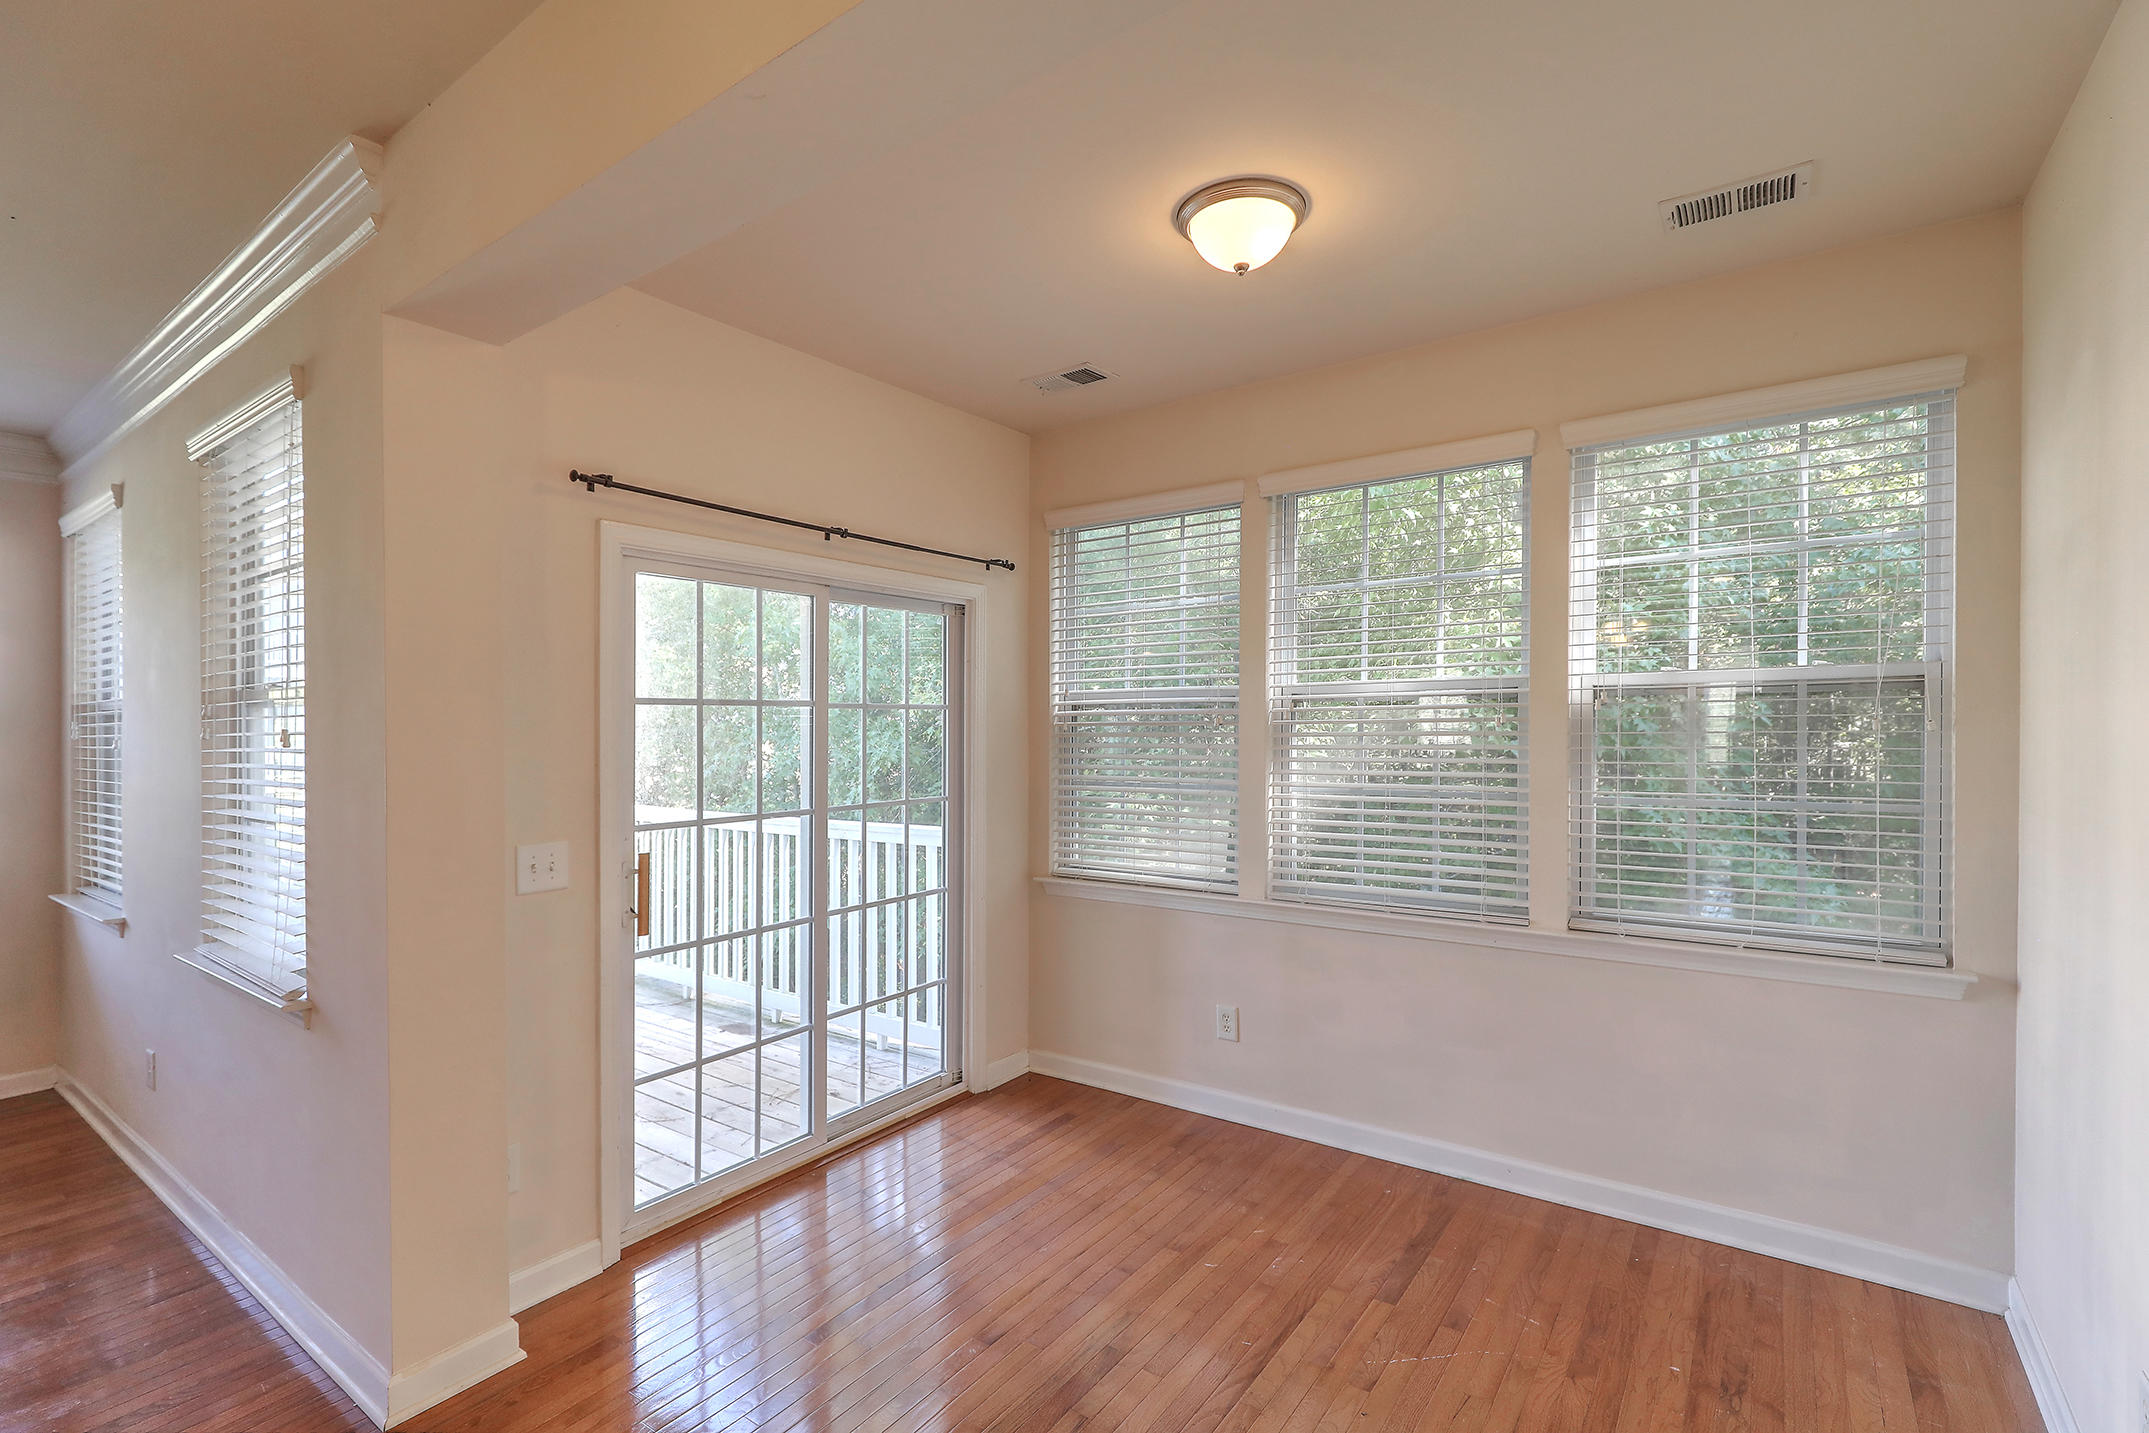 Park West Homes For Sale - 3471 Claremont, Mount Pleasant, SC - 7